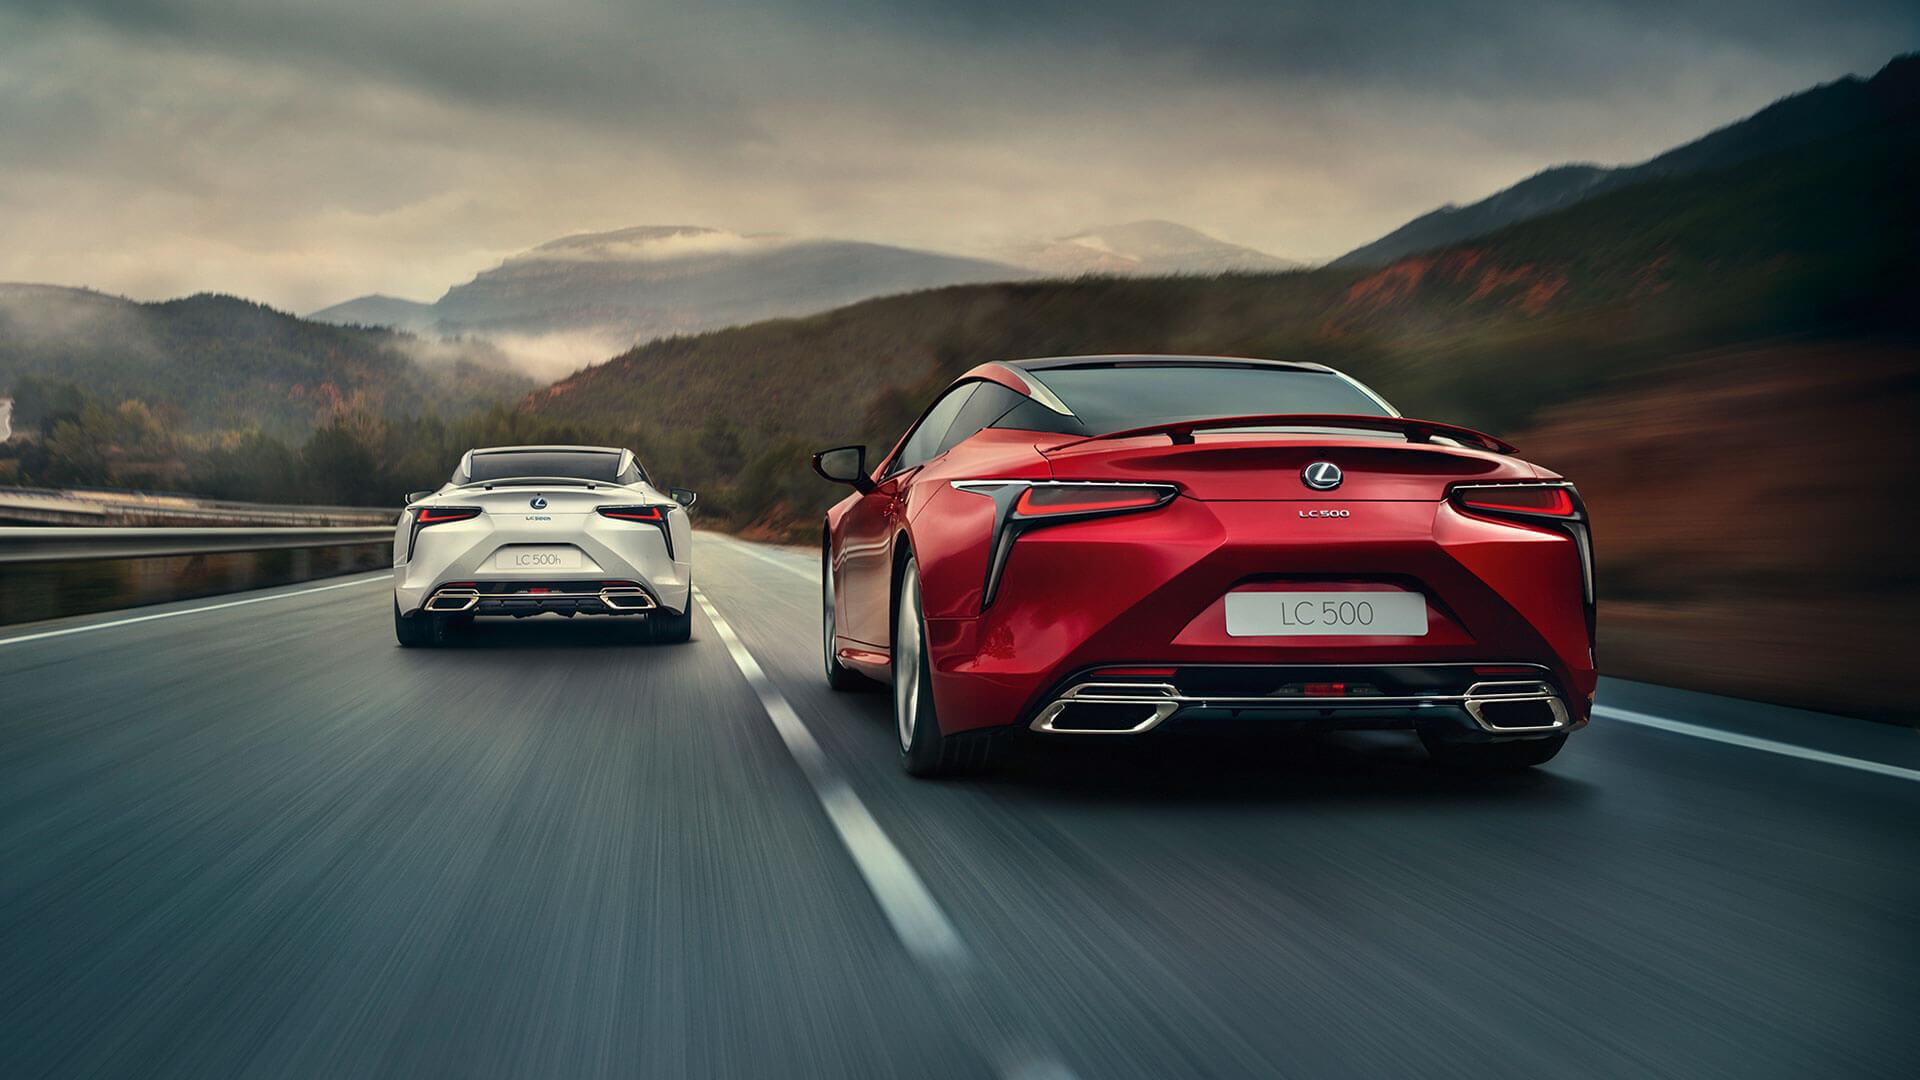 Luxury Car Pictures Wallpaper Lexus Lc Луксозно Спортно Купе Lexus Europe